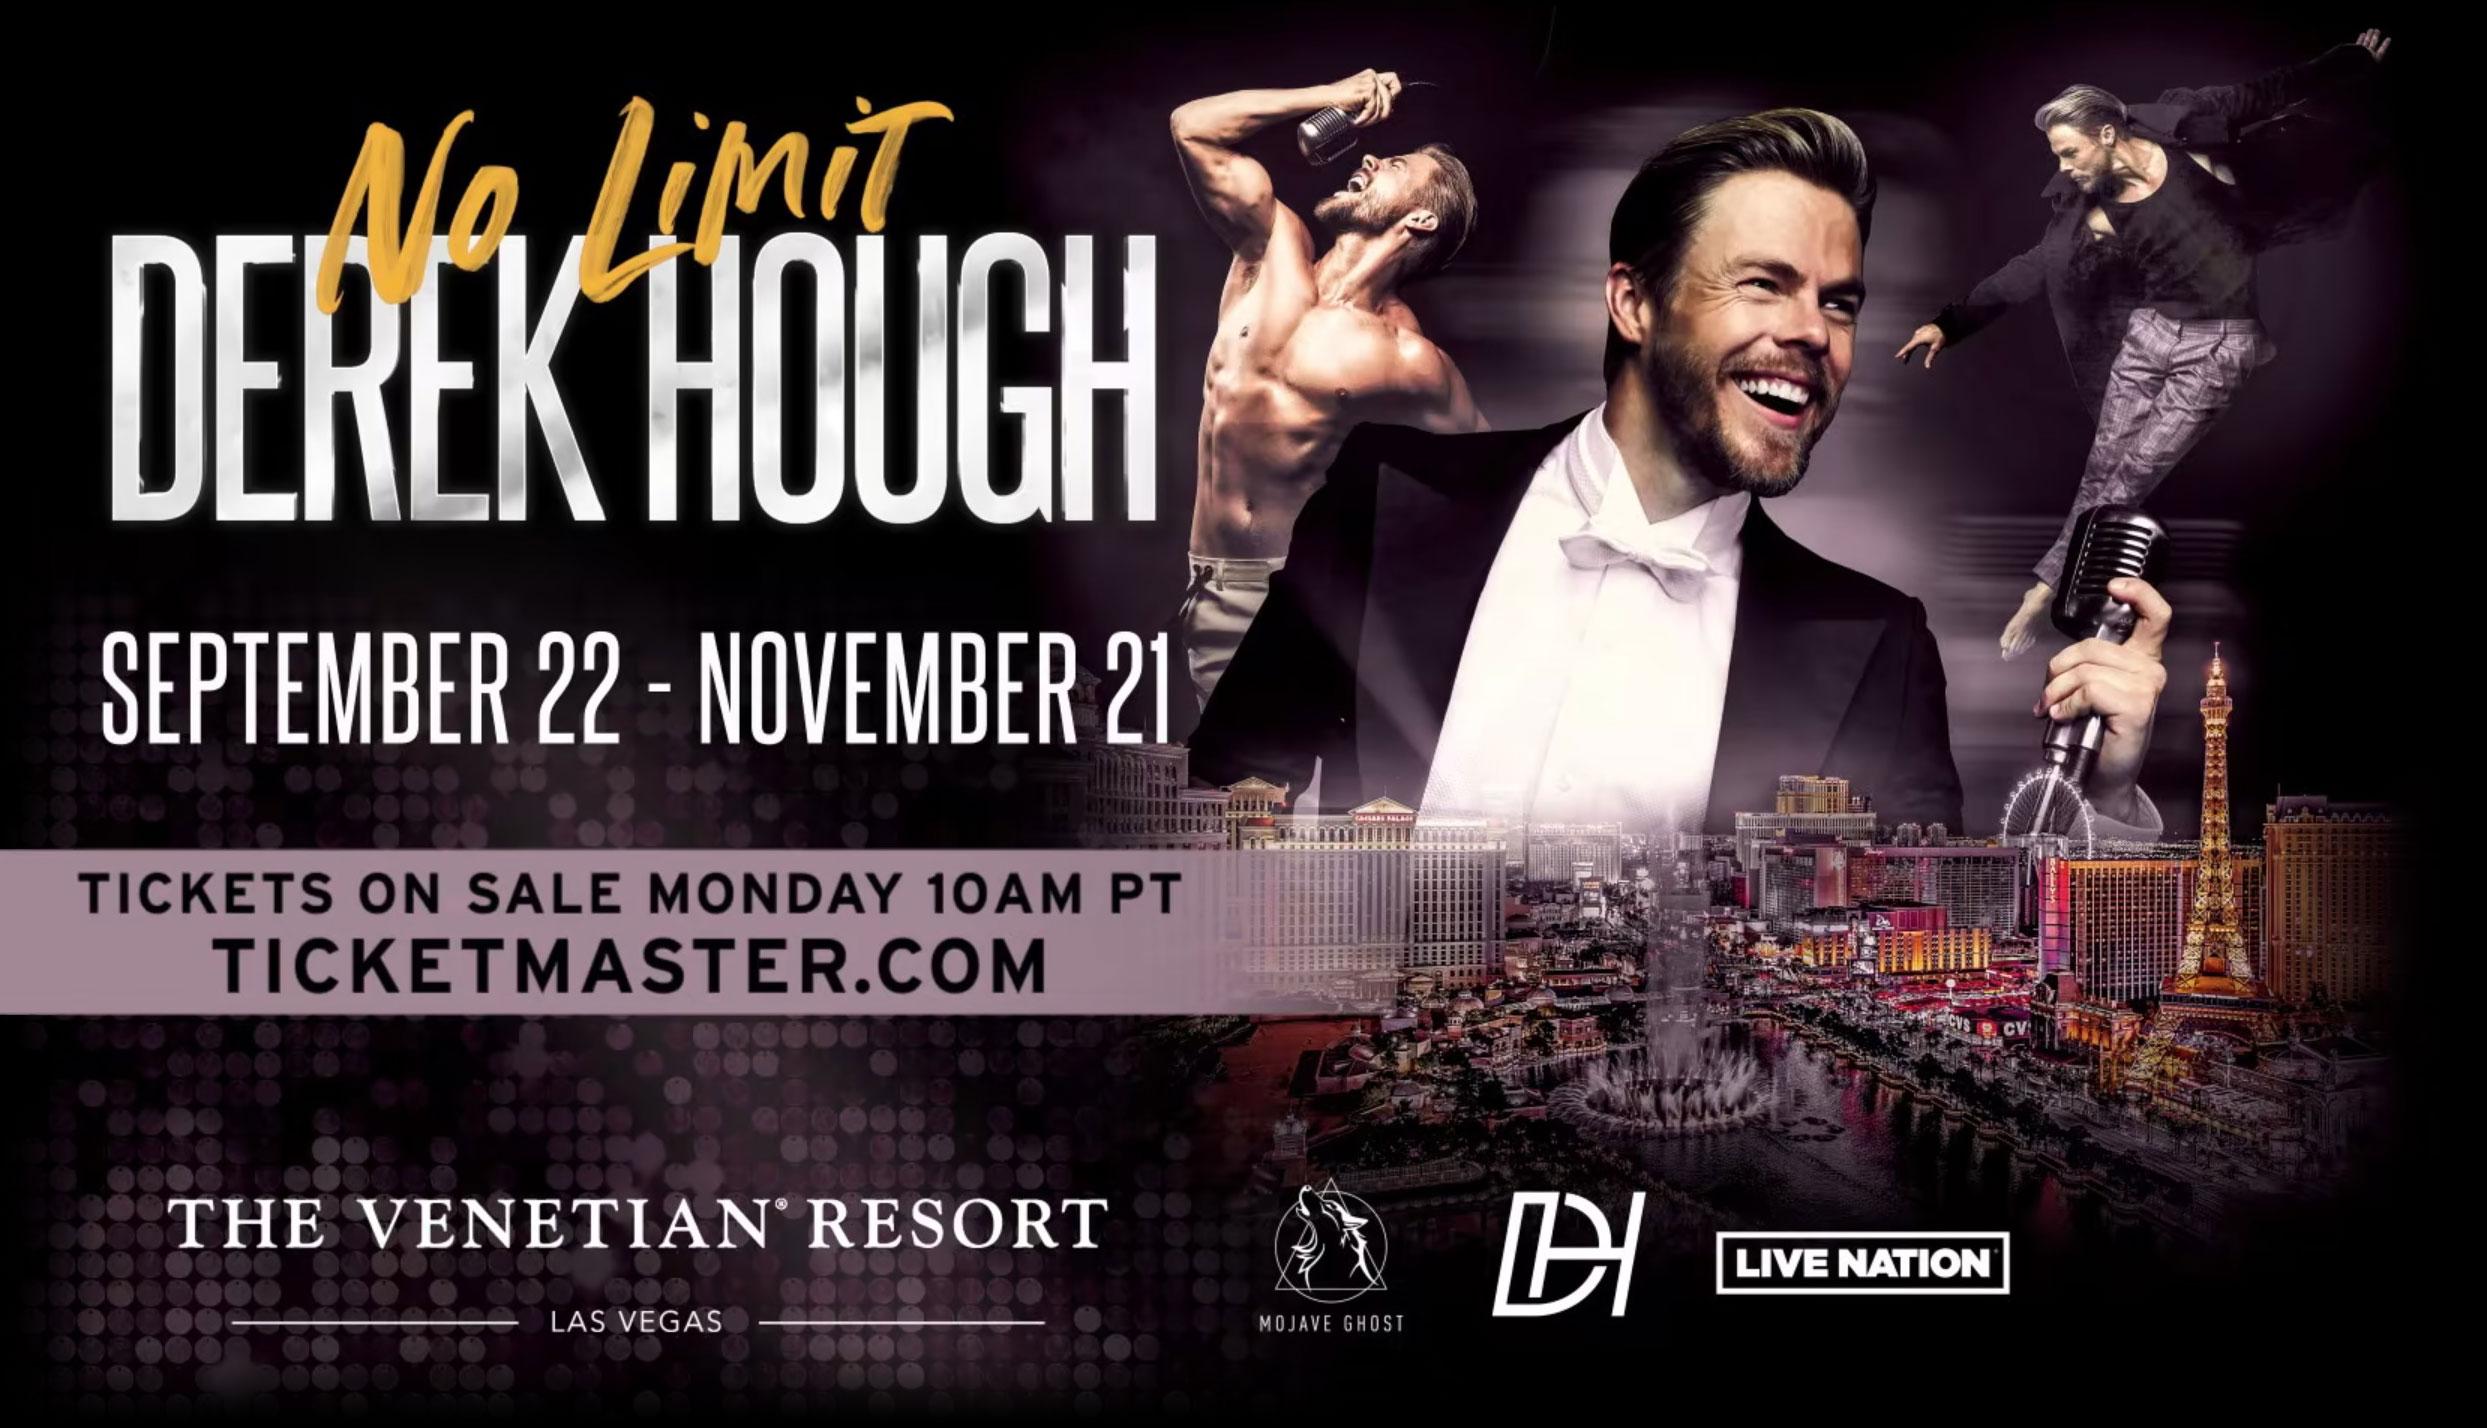 Derek Hough - No Limit